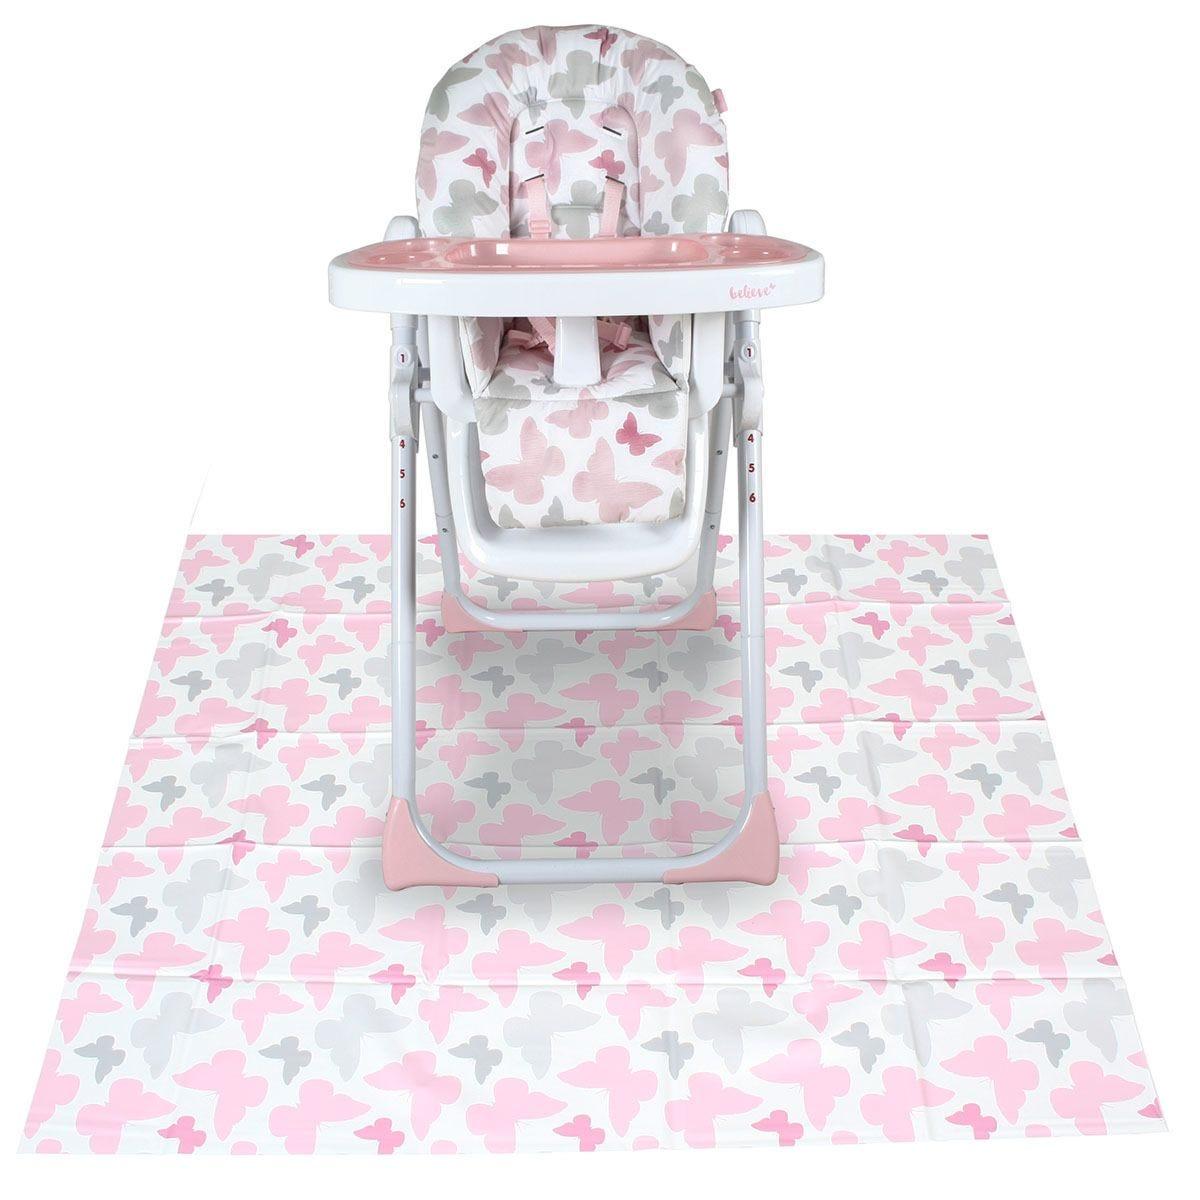 My Babiie Highchair Splash Mat - Pink Butterflies